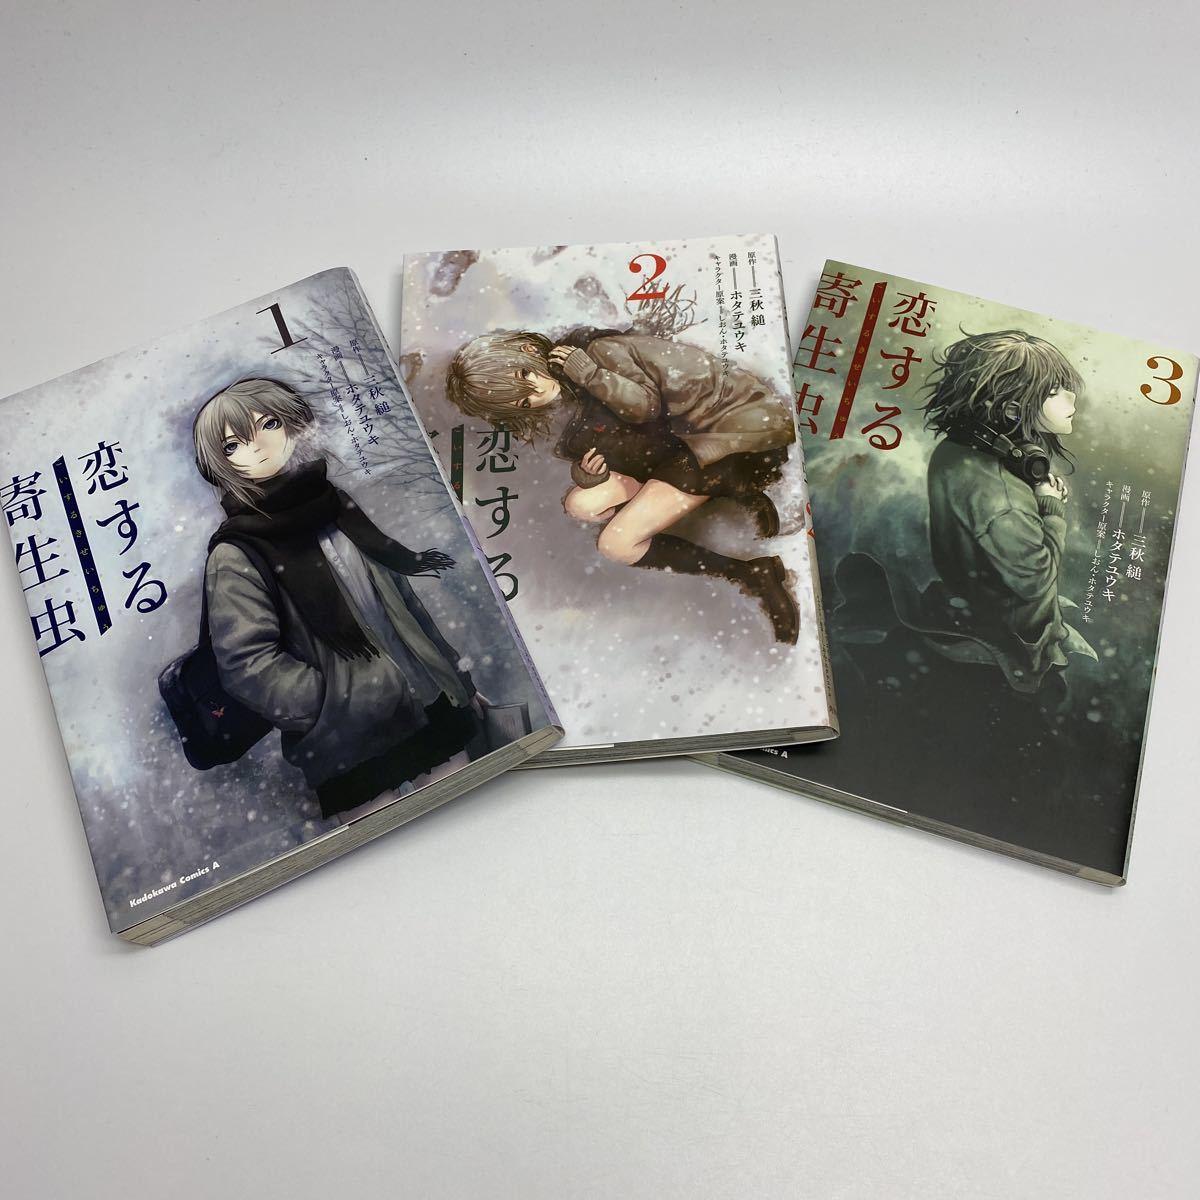 三秋縋 恋する寄生虫 コミック全3巻セット 【送料無料】_画像1